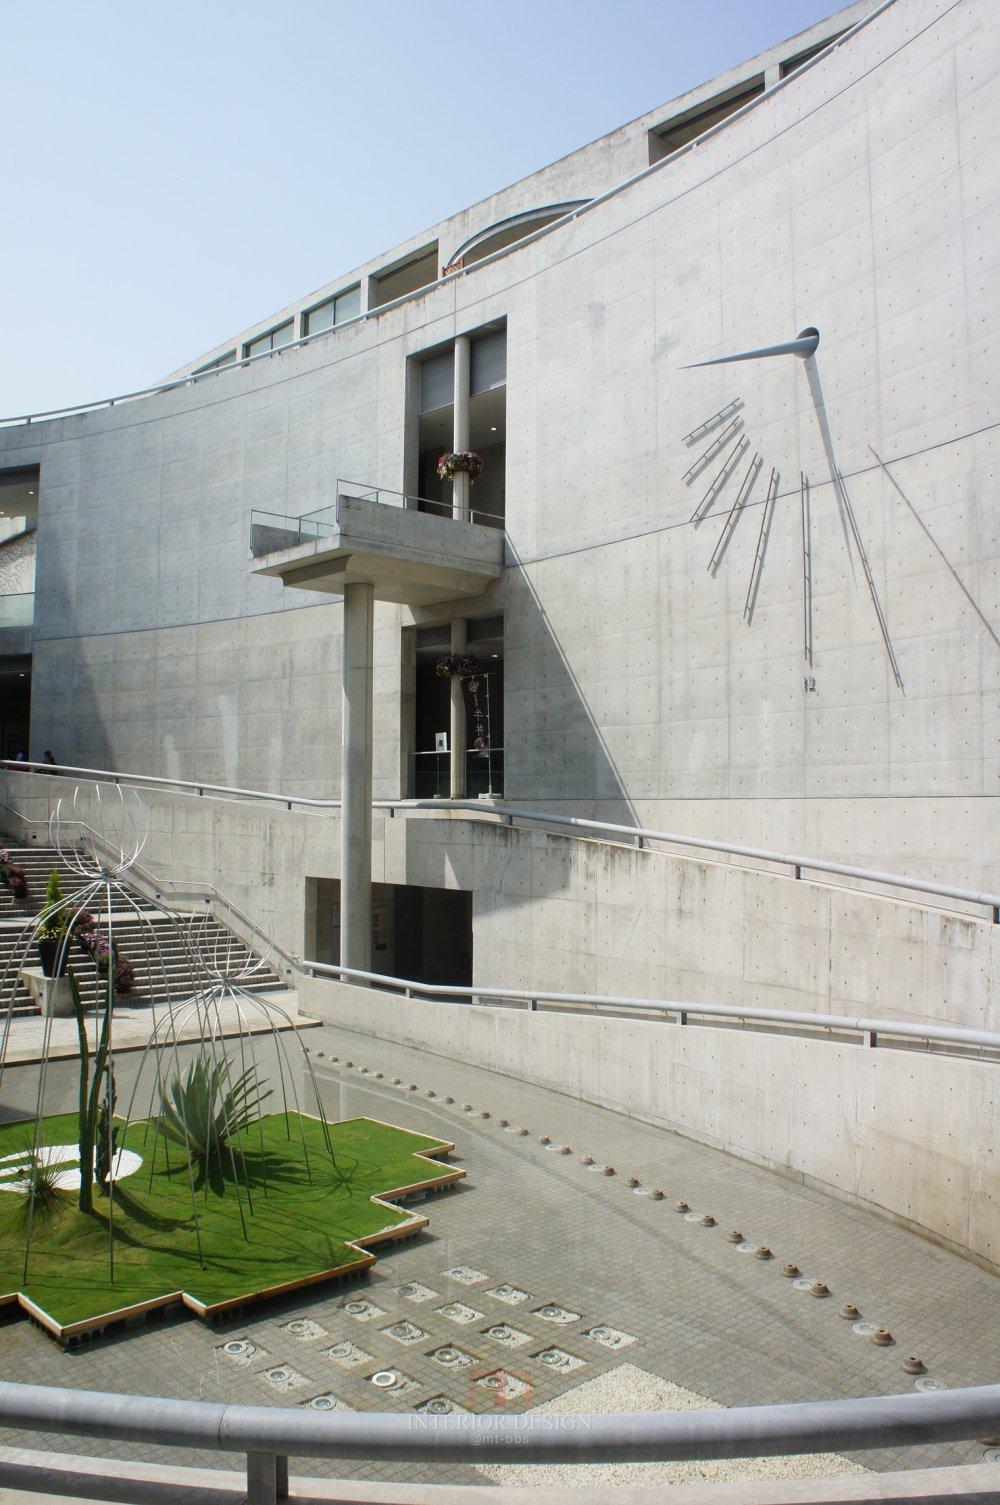 #伙伴一起看日本#  日本设计考察分享(更新美秀美术馆)_DSC05772.JPG